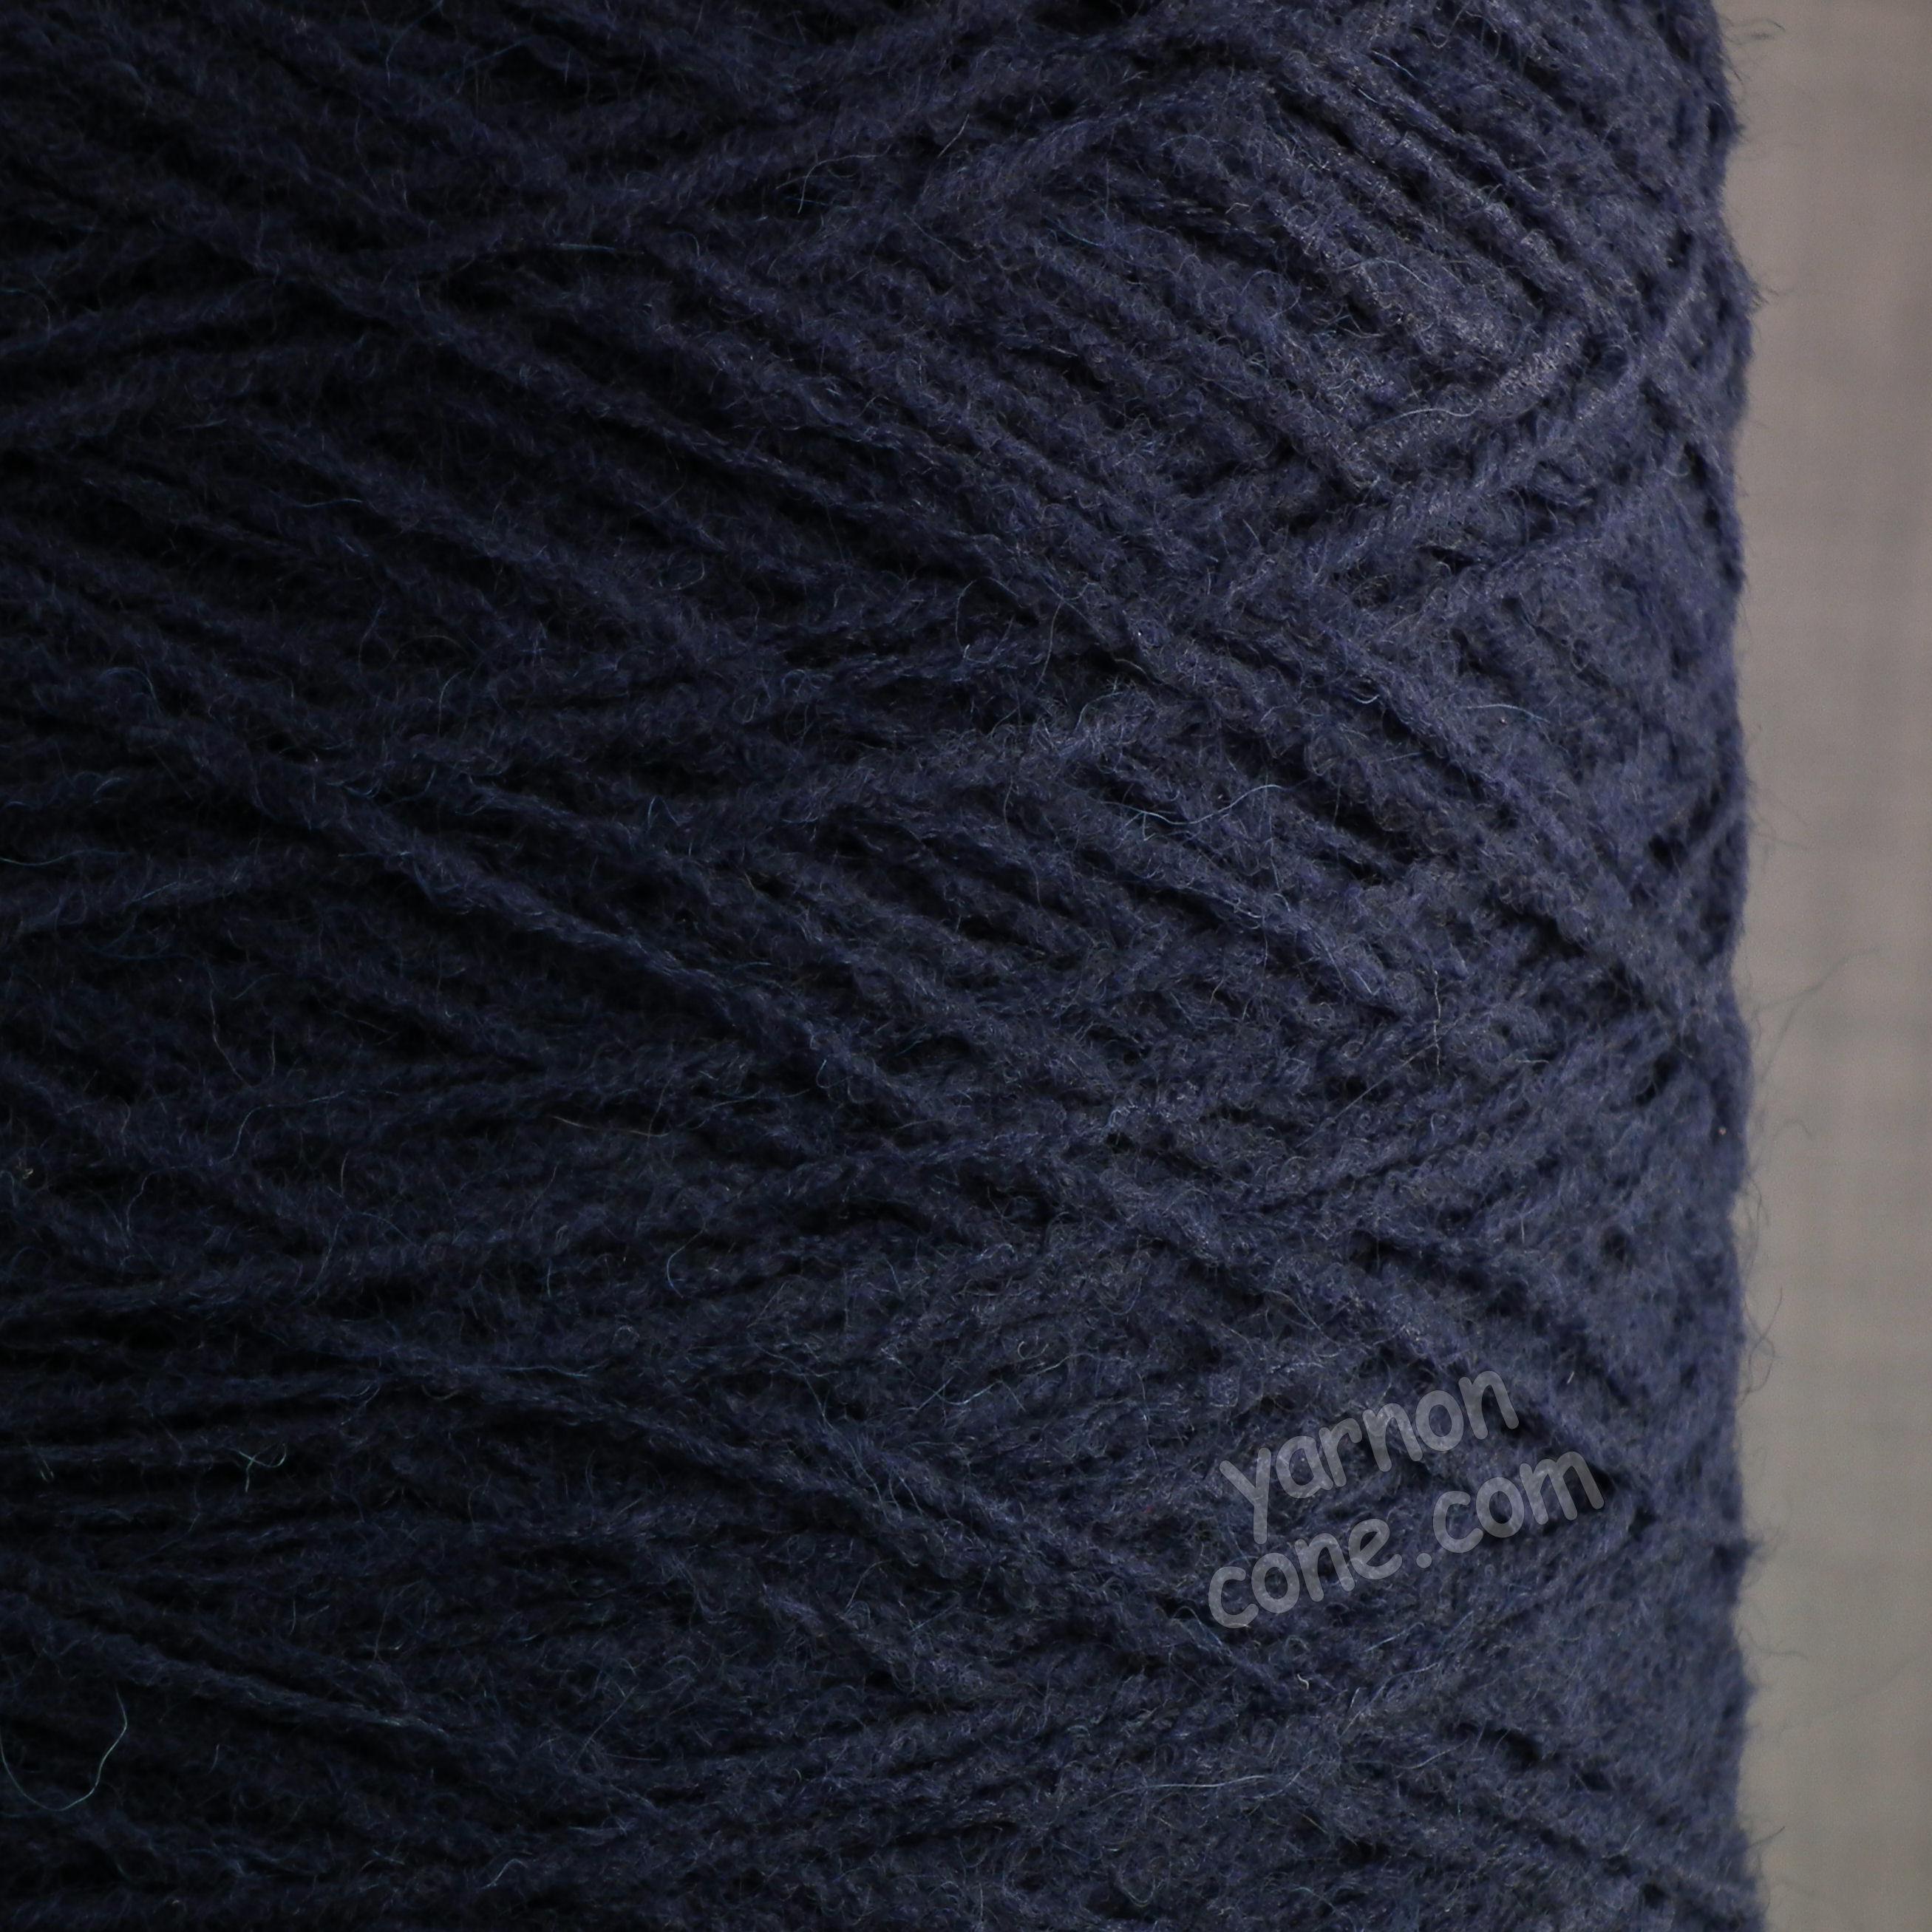 alpaca merino wool blend soft 4 ply hand and machine knitting yarn on cone uk navy blue